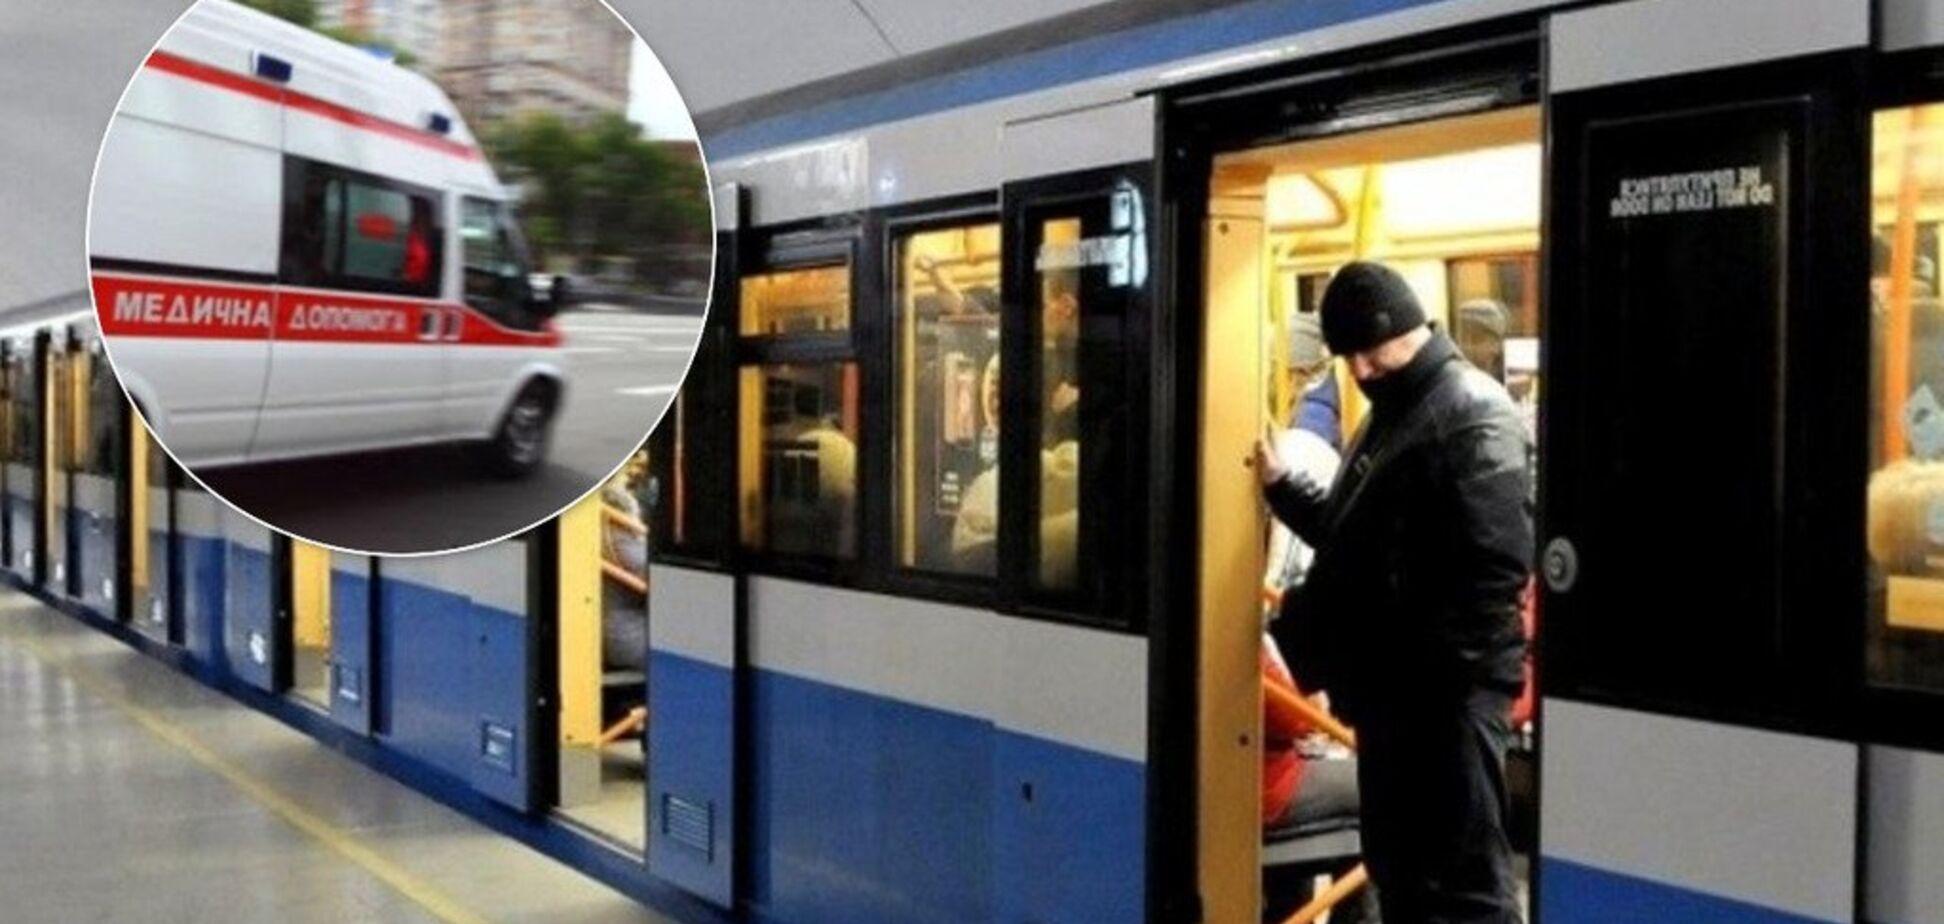 У Києві в метро раптово помер чоловік. Ілюстрація